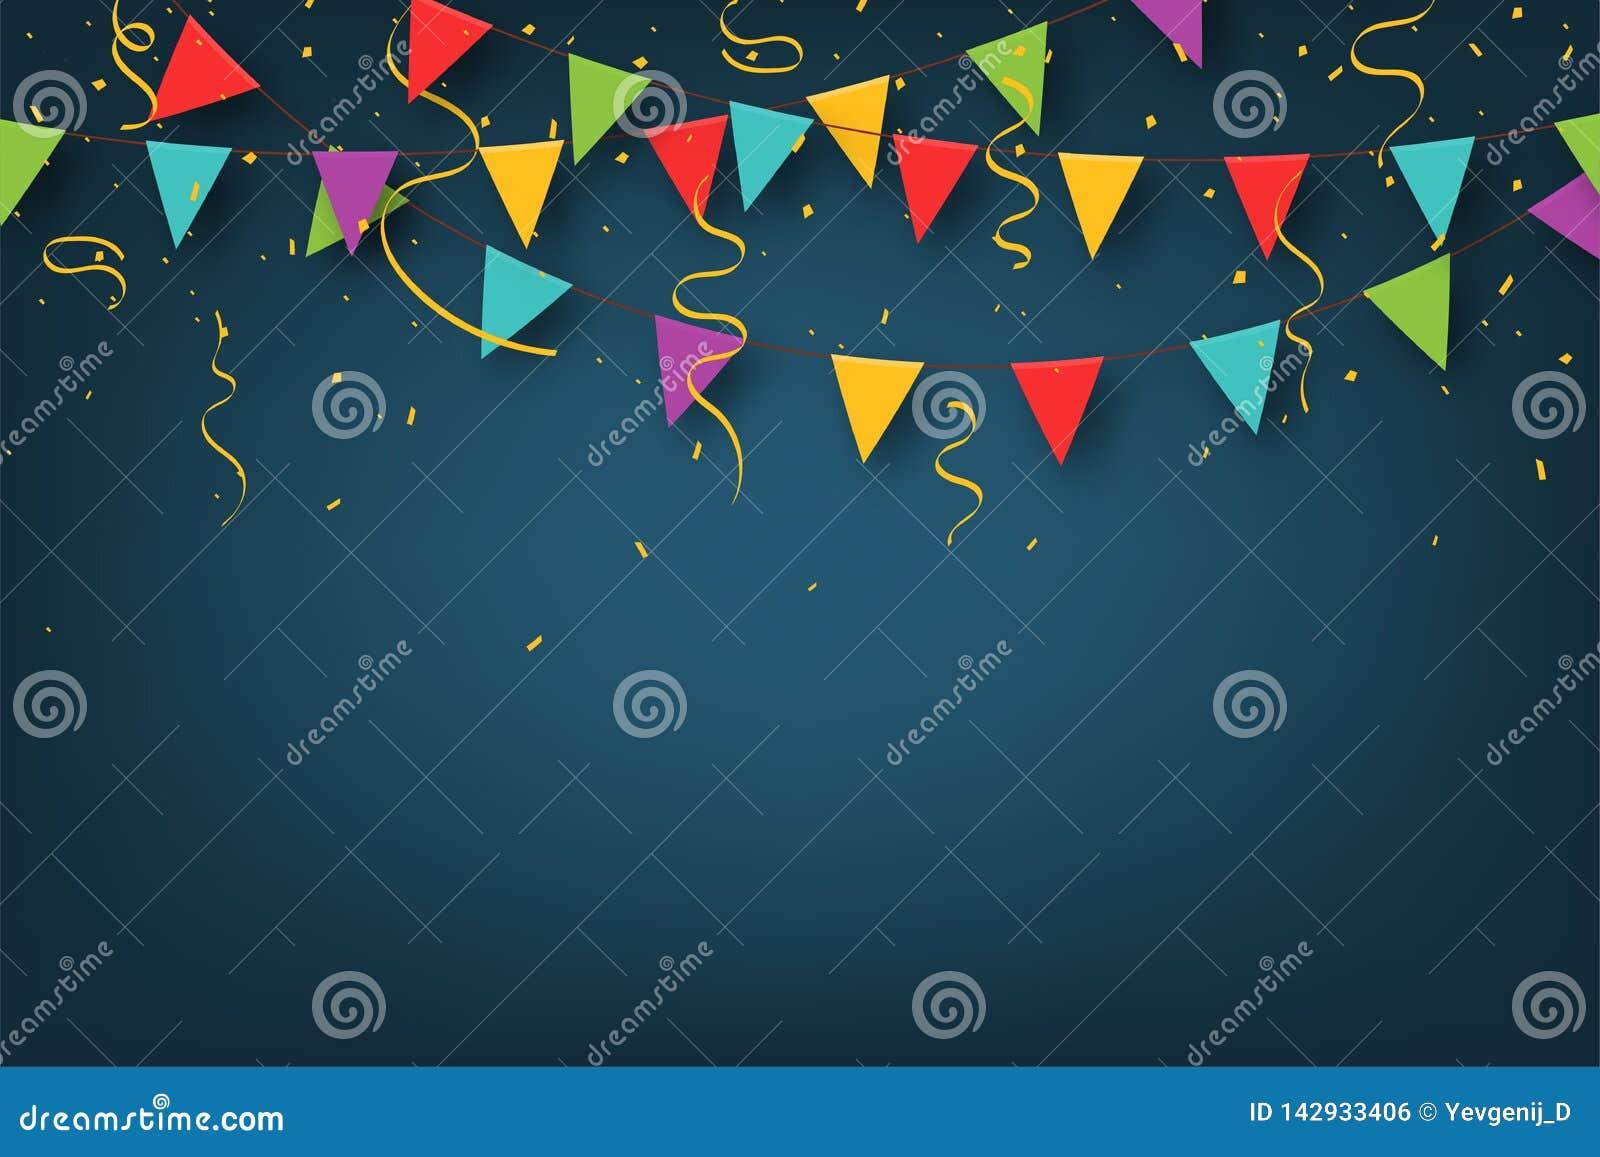 Carnaval-slinger met wimpels Decoratieve kleurrijke partijvlaggen met confettien voor verjaardagsviering, festival